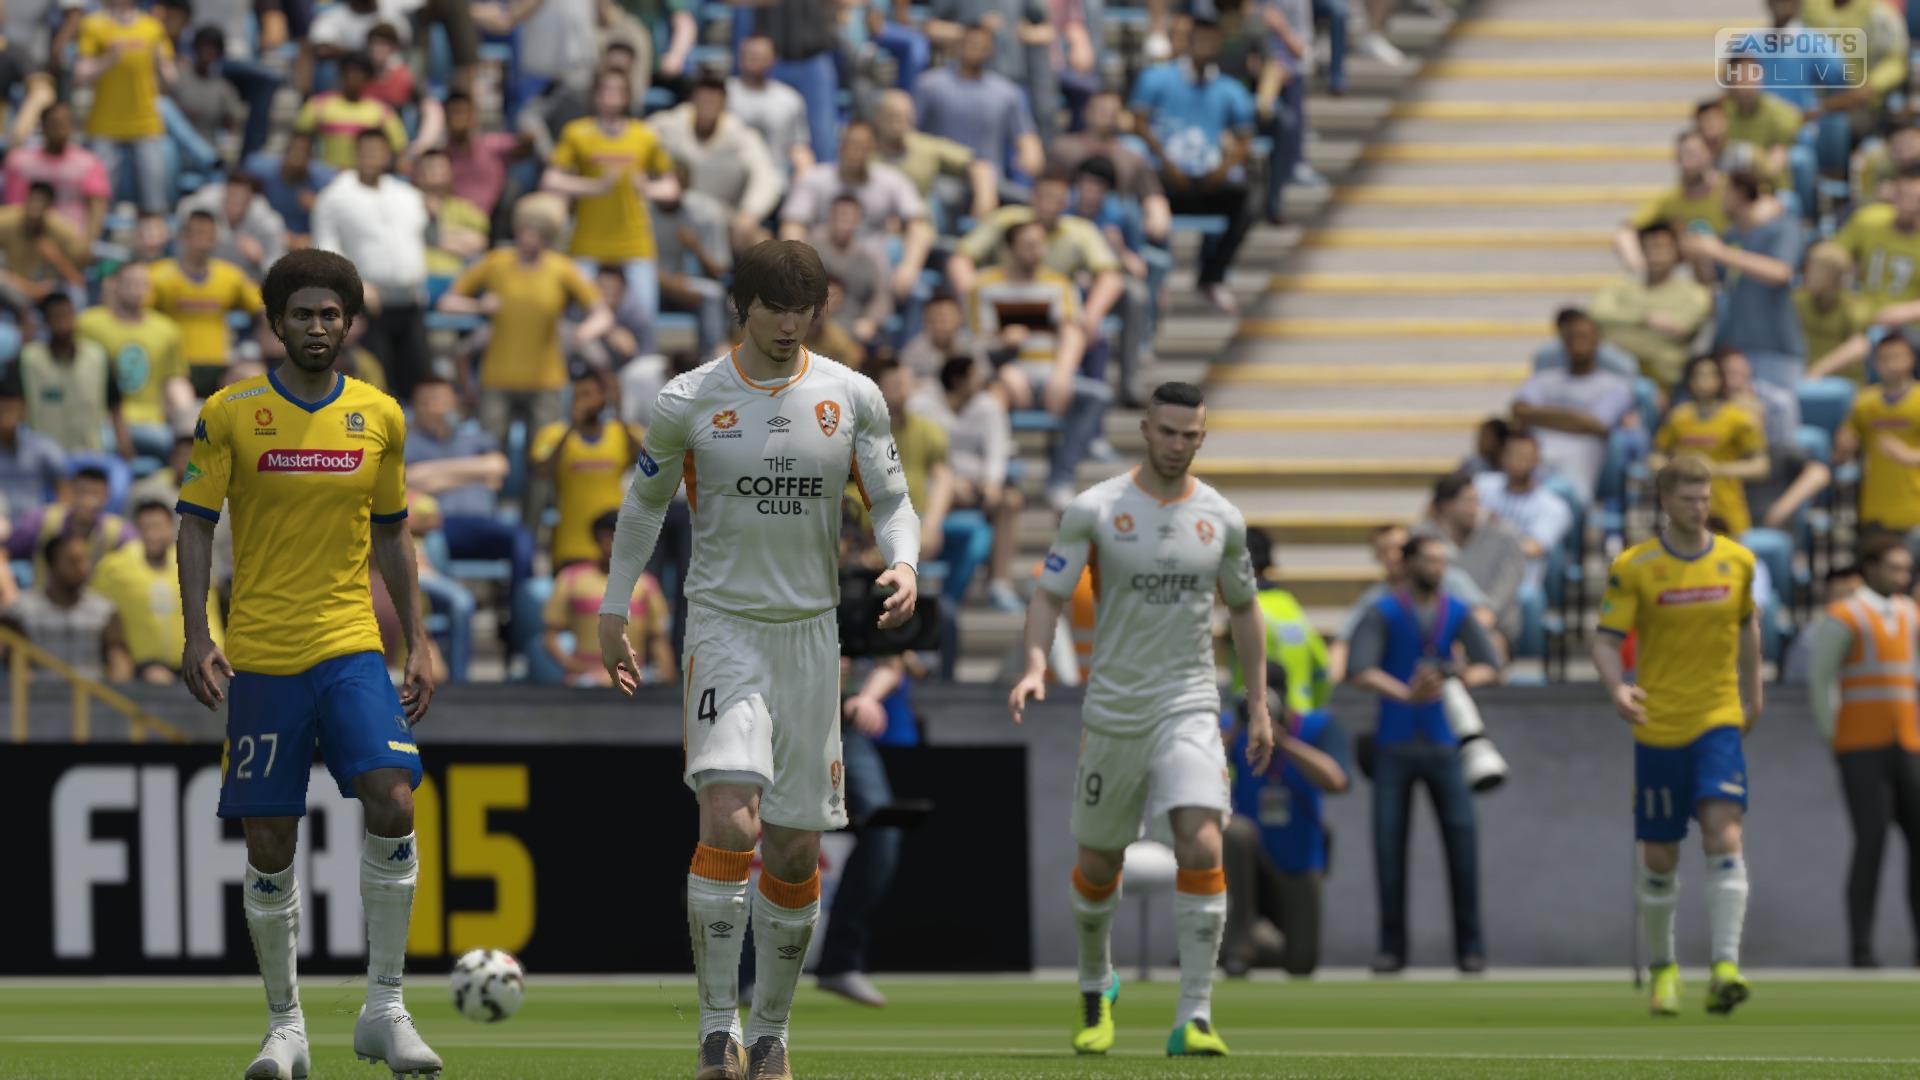 FIFA 15 Career 0-2 CCM V BRI, 1st Half